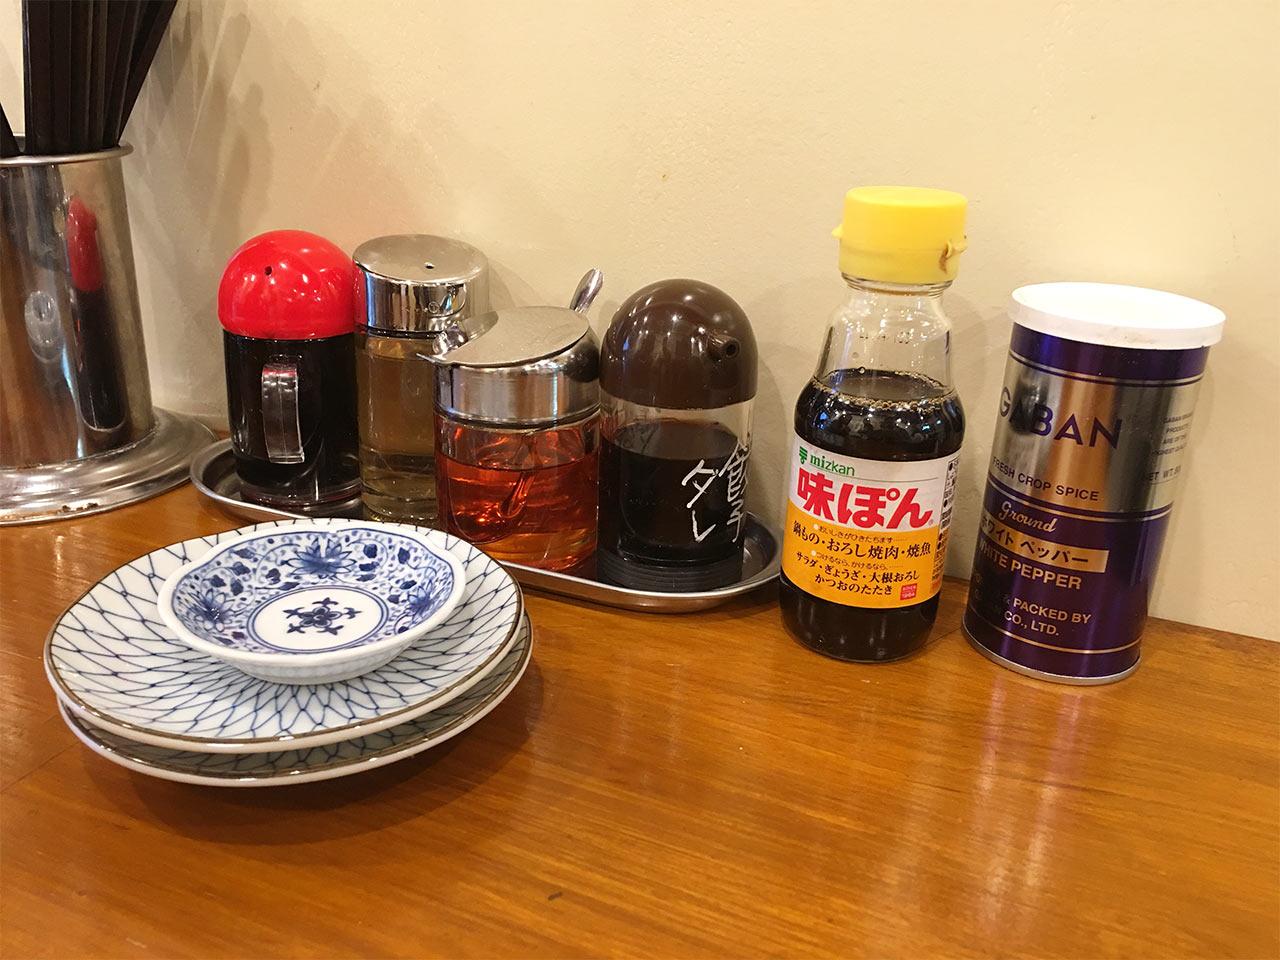 武蔵小山の餃子屋ふく肉のテーブルの調味料